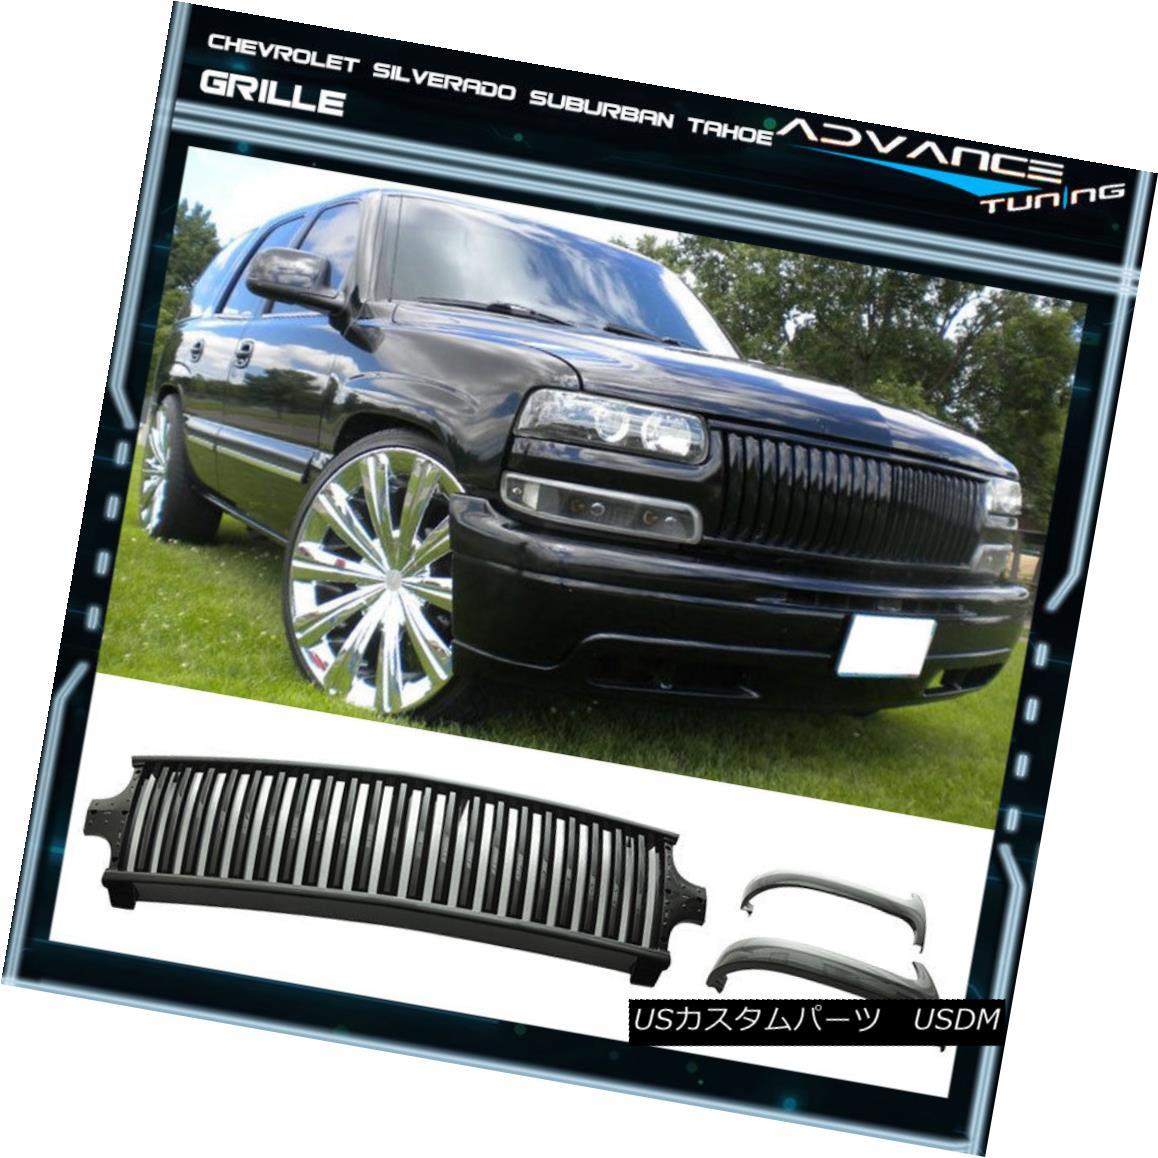 グリル Fit For 99-02 Silverado 00-06 Suburban Tahoe Vertical Style Grille - Black フィット99-02 Silverado 00-06郊外のタホ垂直スタイルのグリル - ブラック